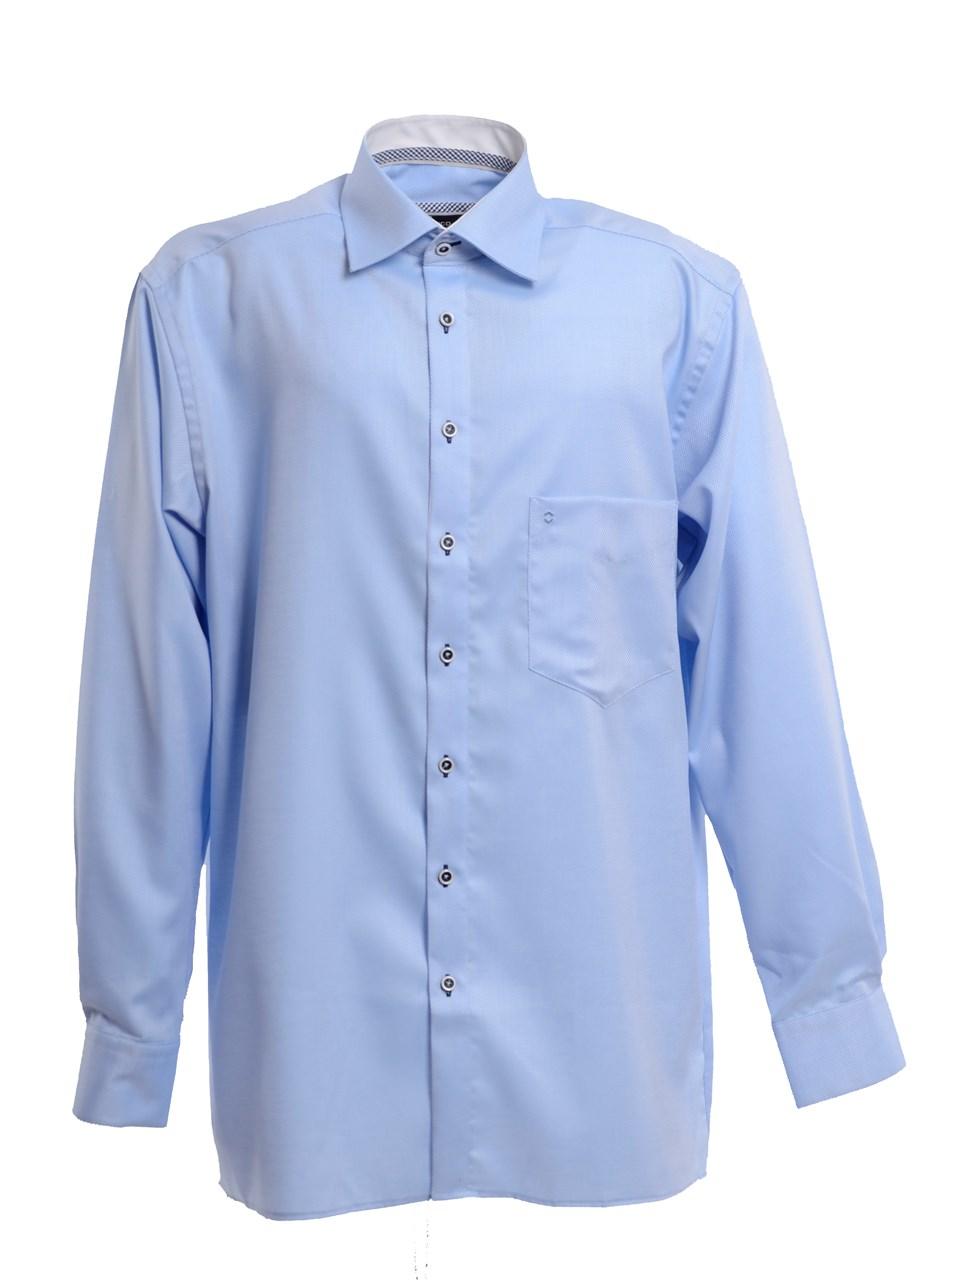 951c0200084 W M EGO. Světle modrá pánská košile s jemným vzorem HATICO